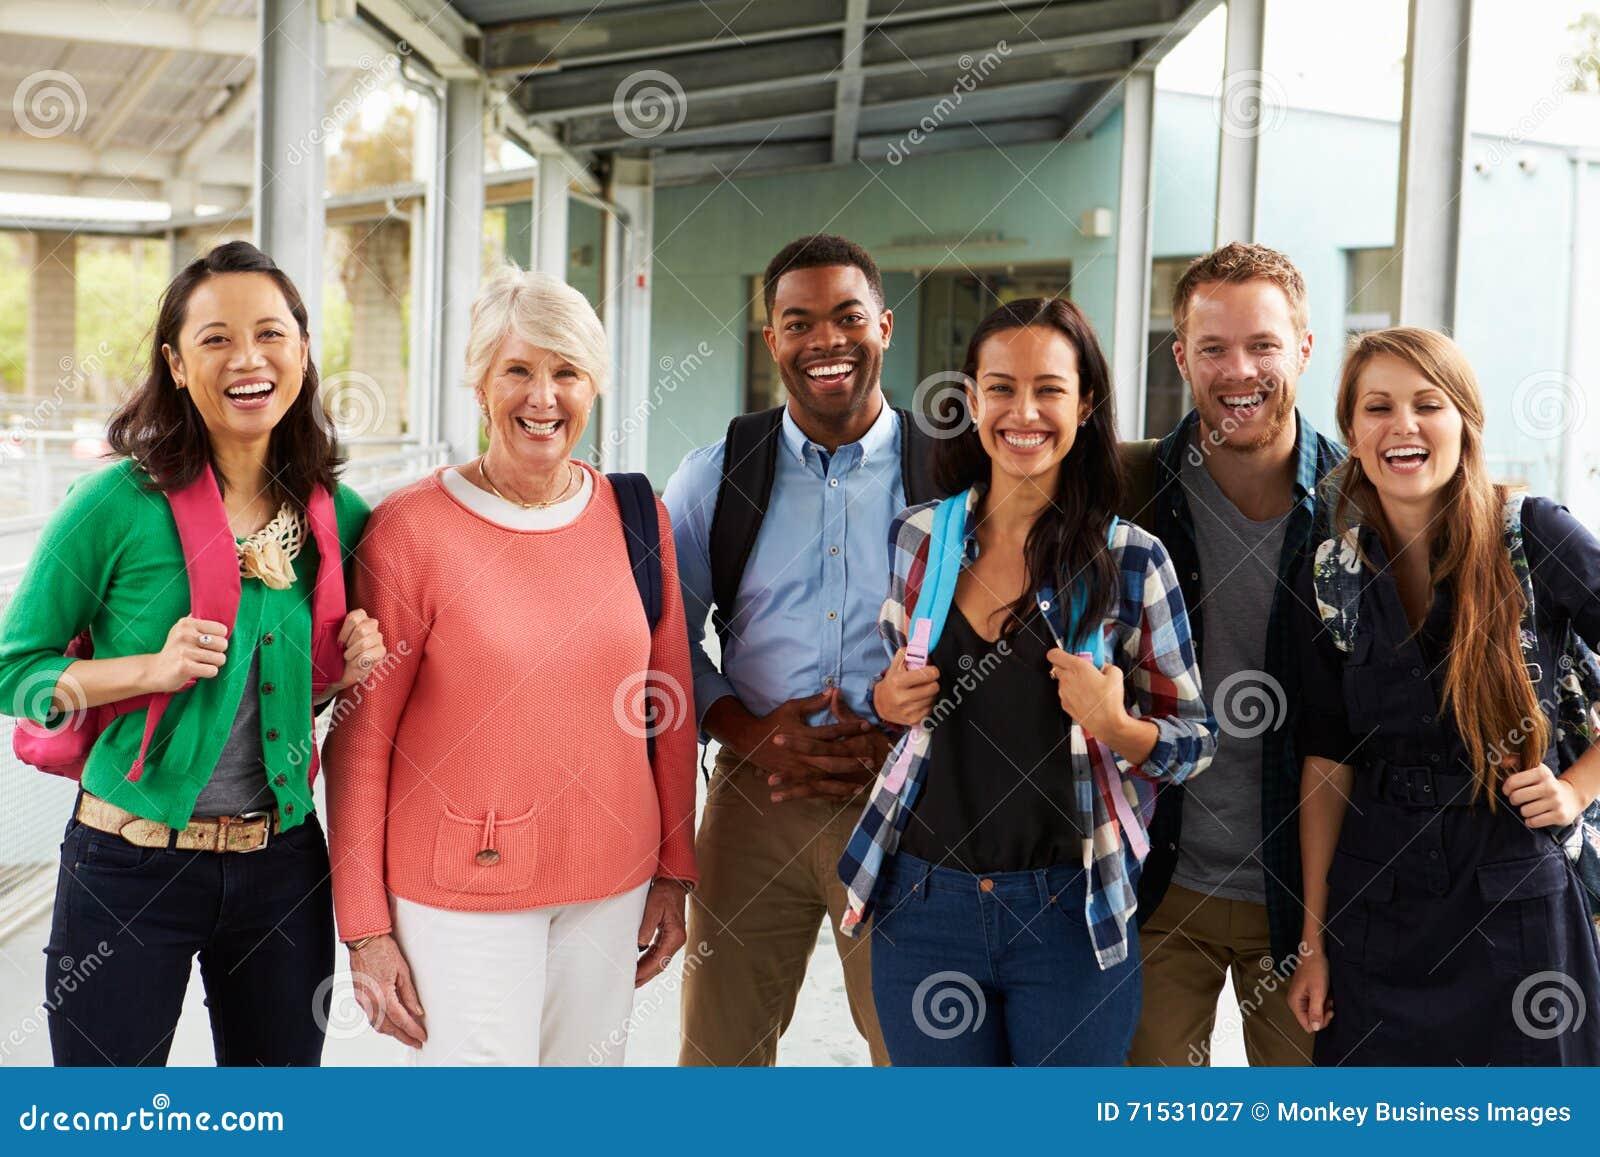 停留在学校走廊的一个小组快乐的老师